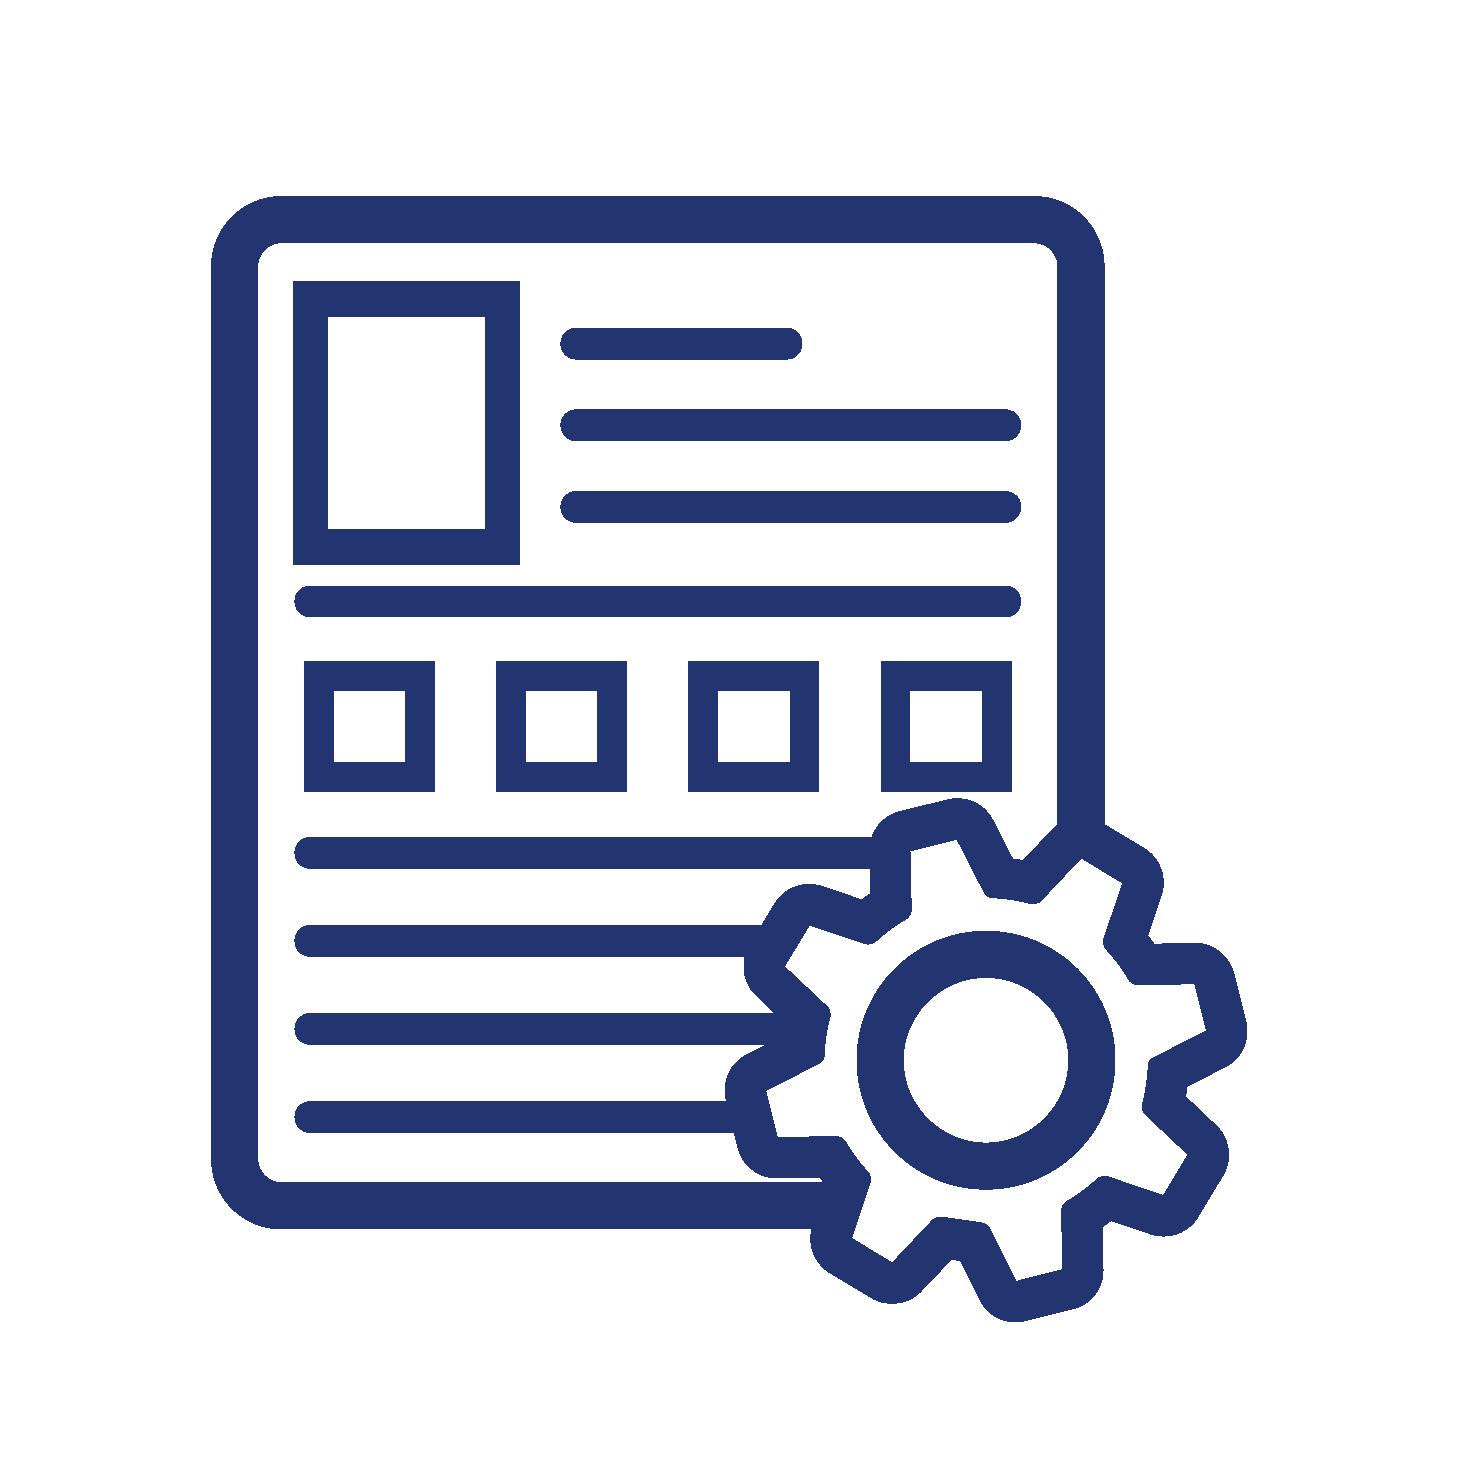 Program-Development-icon